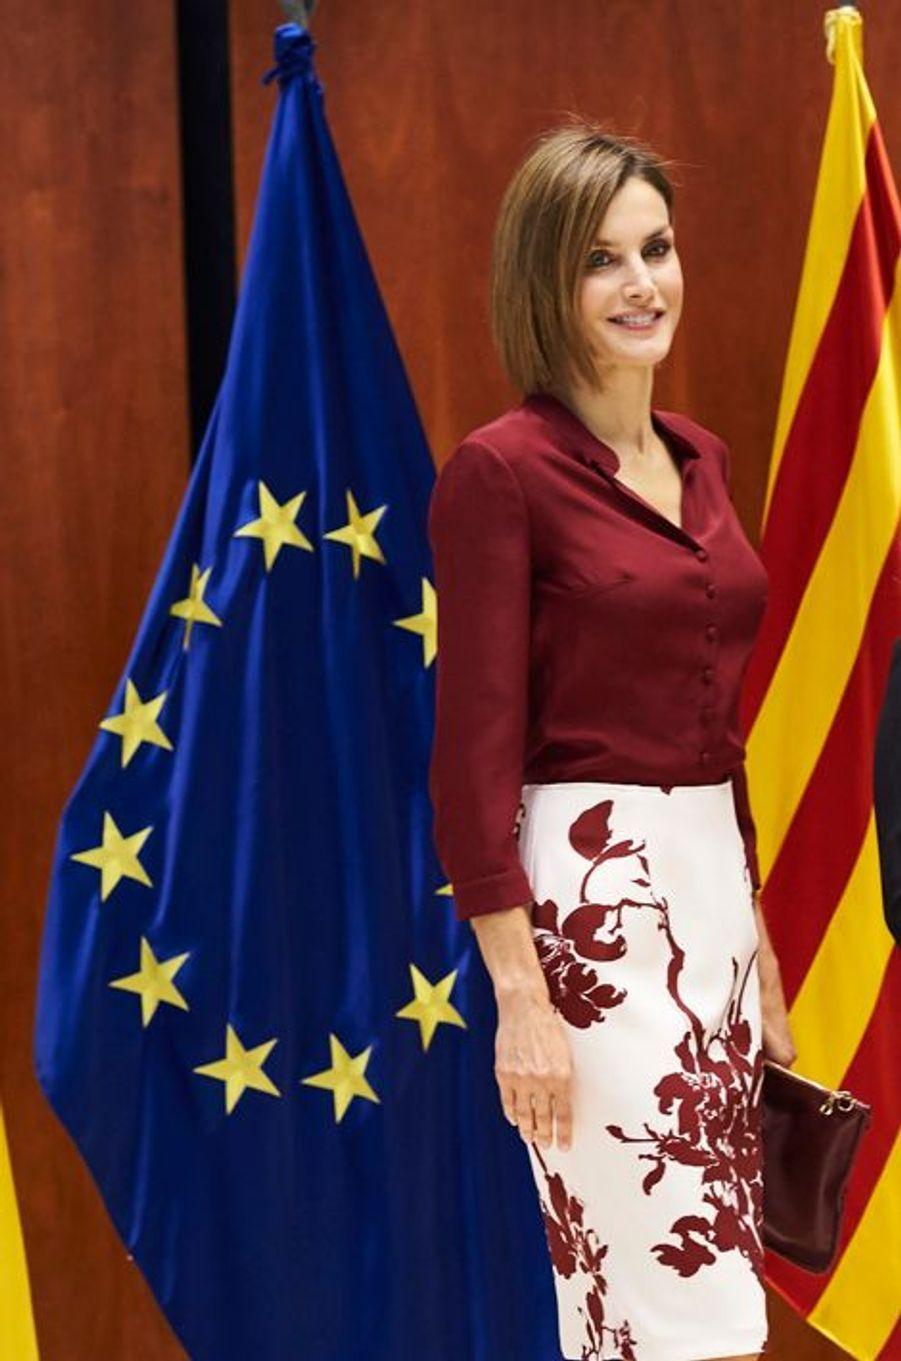 Ce mercredi 9 septembre, la reine Letizia d'Espagne s'est rendue, en compagnie de son époux le roi Felipe VI, au siège du Tribunal constitutionnel à Madrid pour un déjeuner marquant le 35e anniversaire de cette juridiction.Chaque dimanche, le Royal Blog de Paris Match vous propose de voir ou revoir les plus belles photographies de la semaine royale.